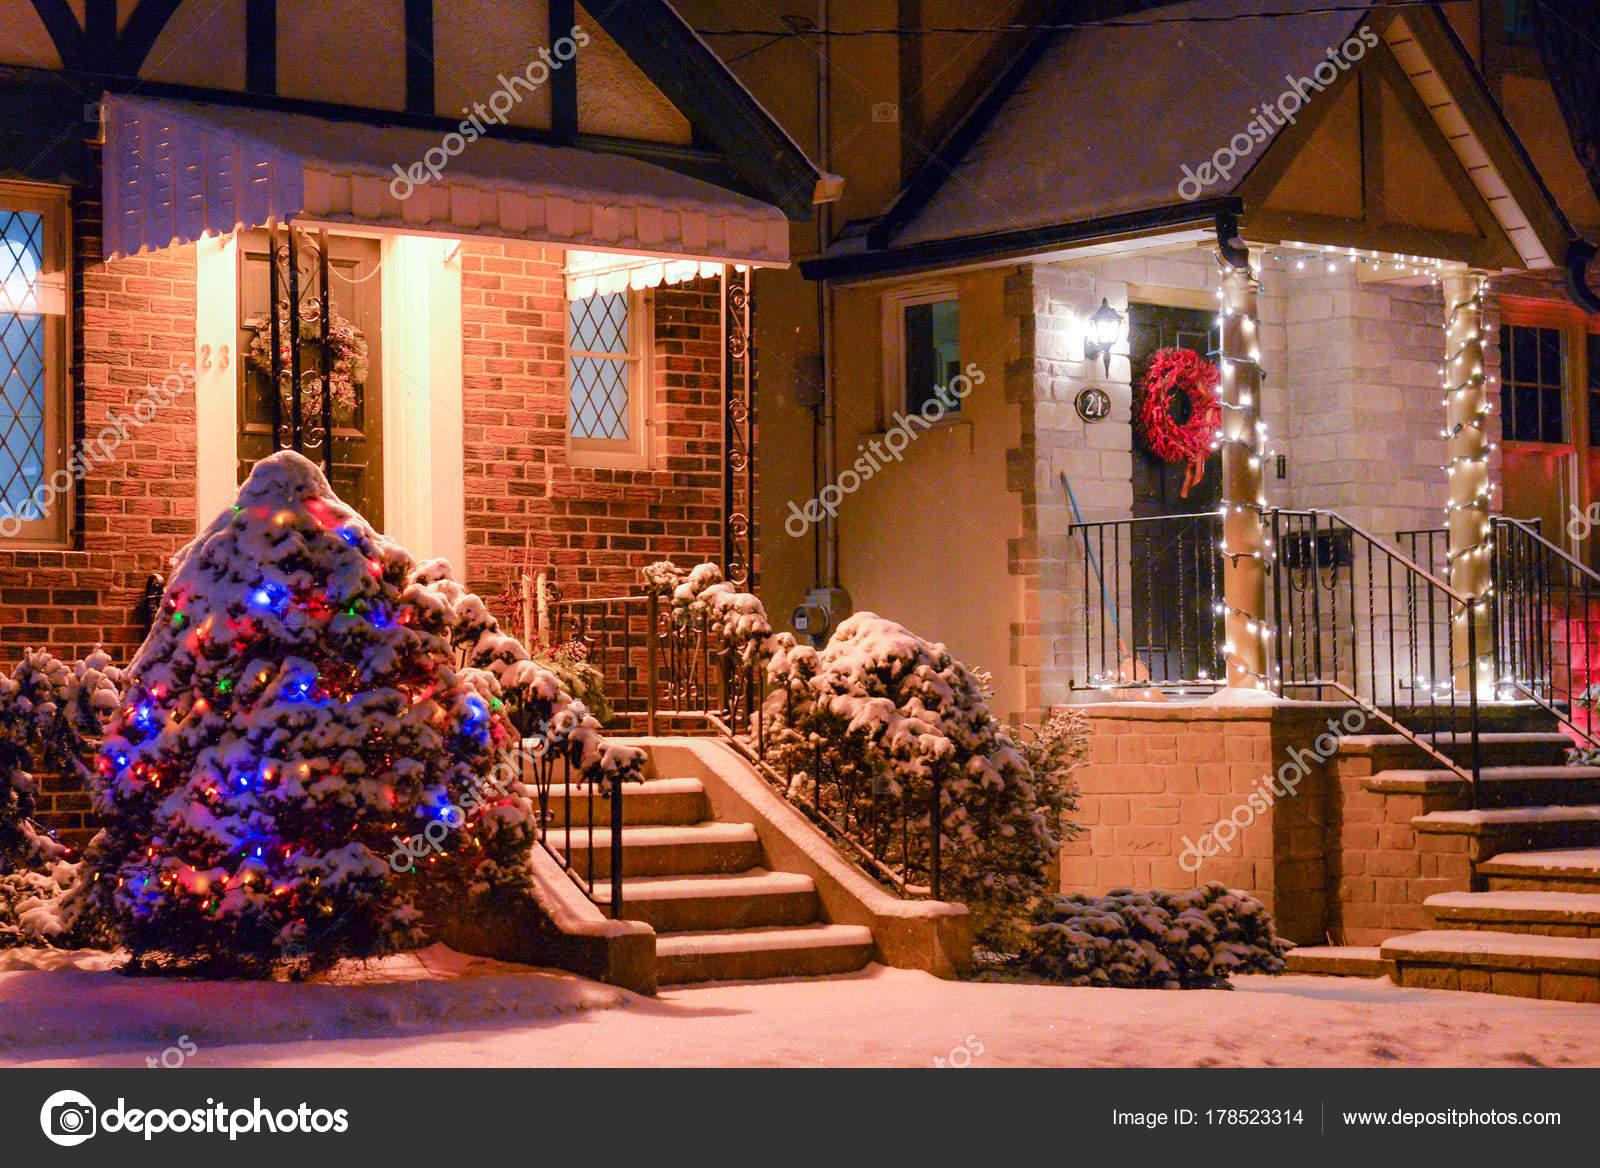 Fotos Casas Decoradas Navidad.Casa Decorada Con Luces Navidad Foto De Stock C Pftrip